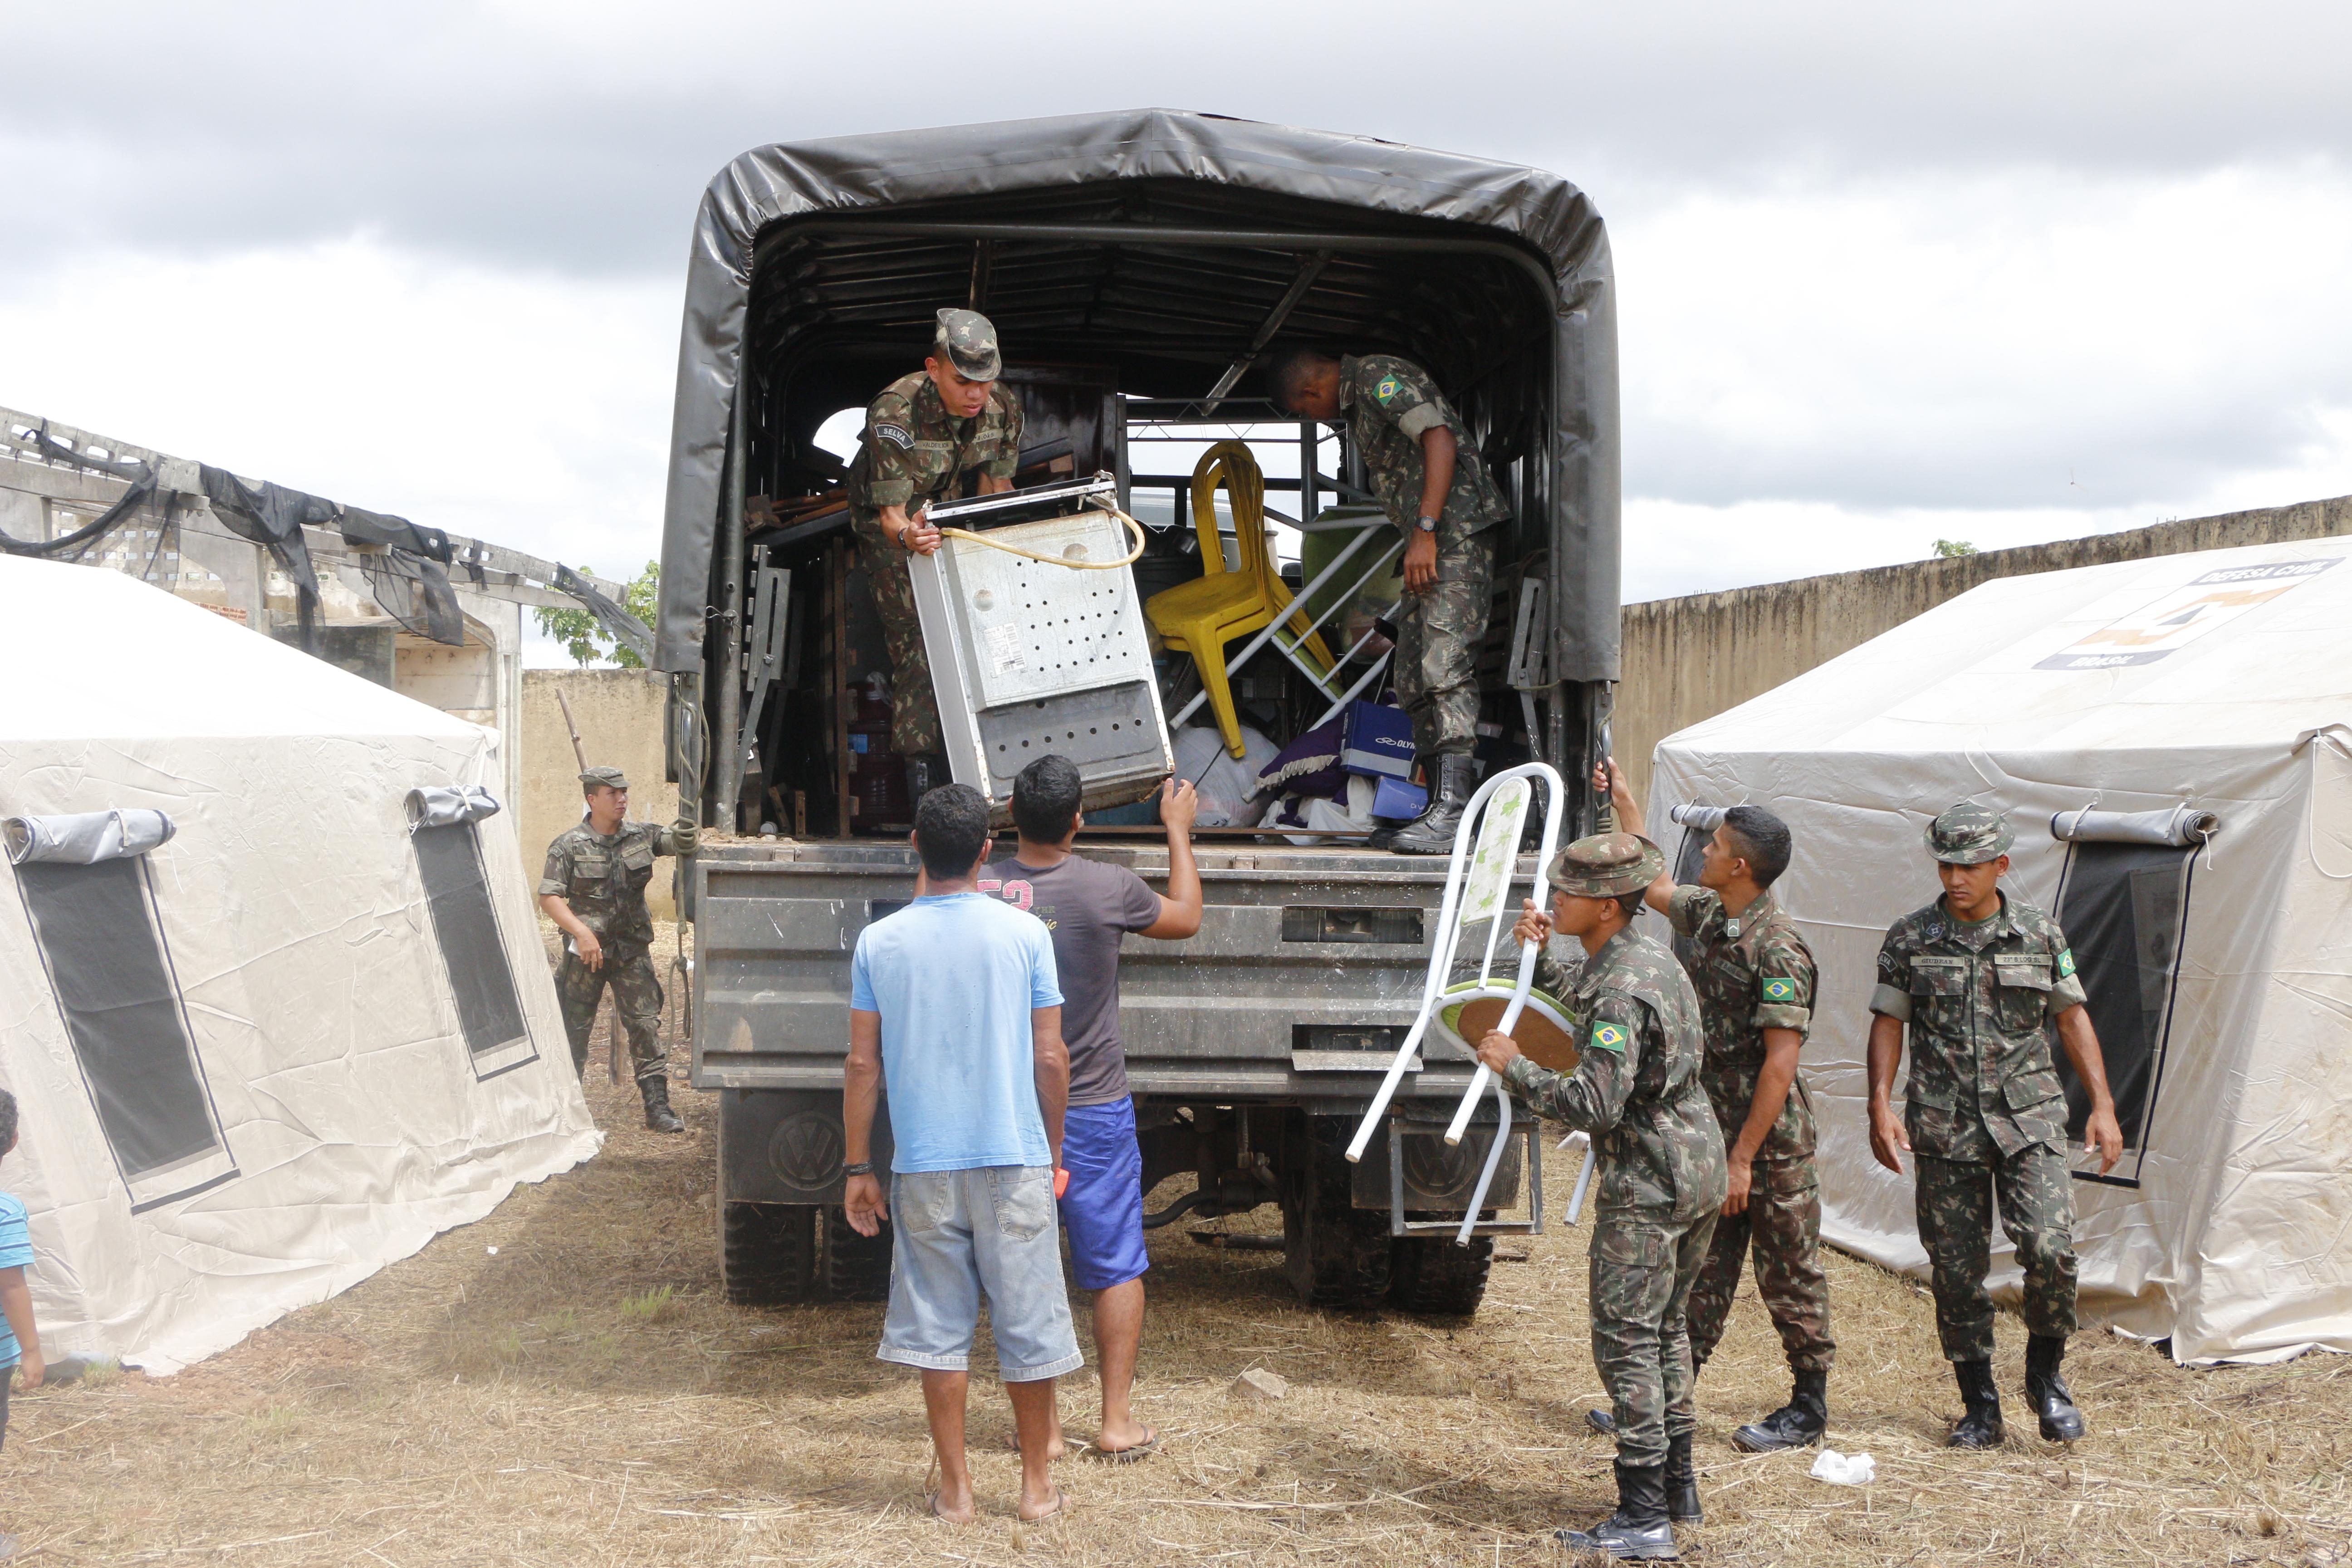 DEFESA CIVIL: FORÇA TAREFA SEGUE OPERAÇÃO DE TRANSPORTE DAS FAMÍLIAS PARA ABRIGOS DA PREFEITURA.